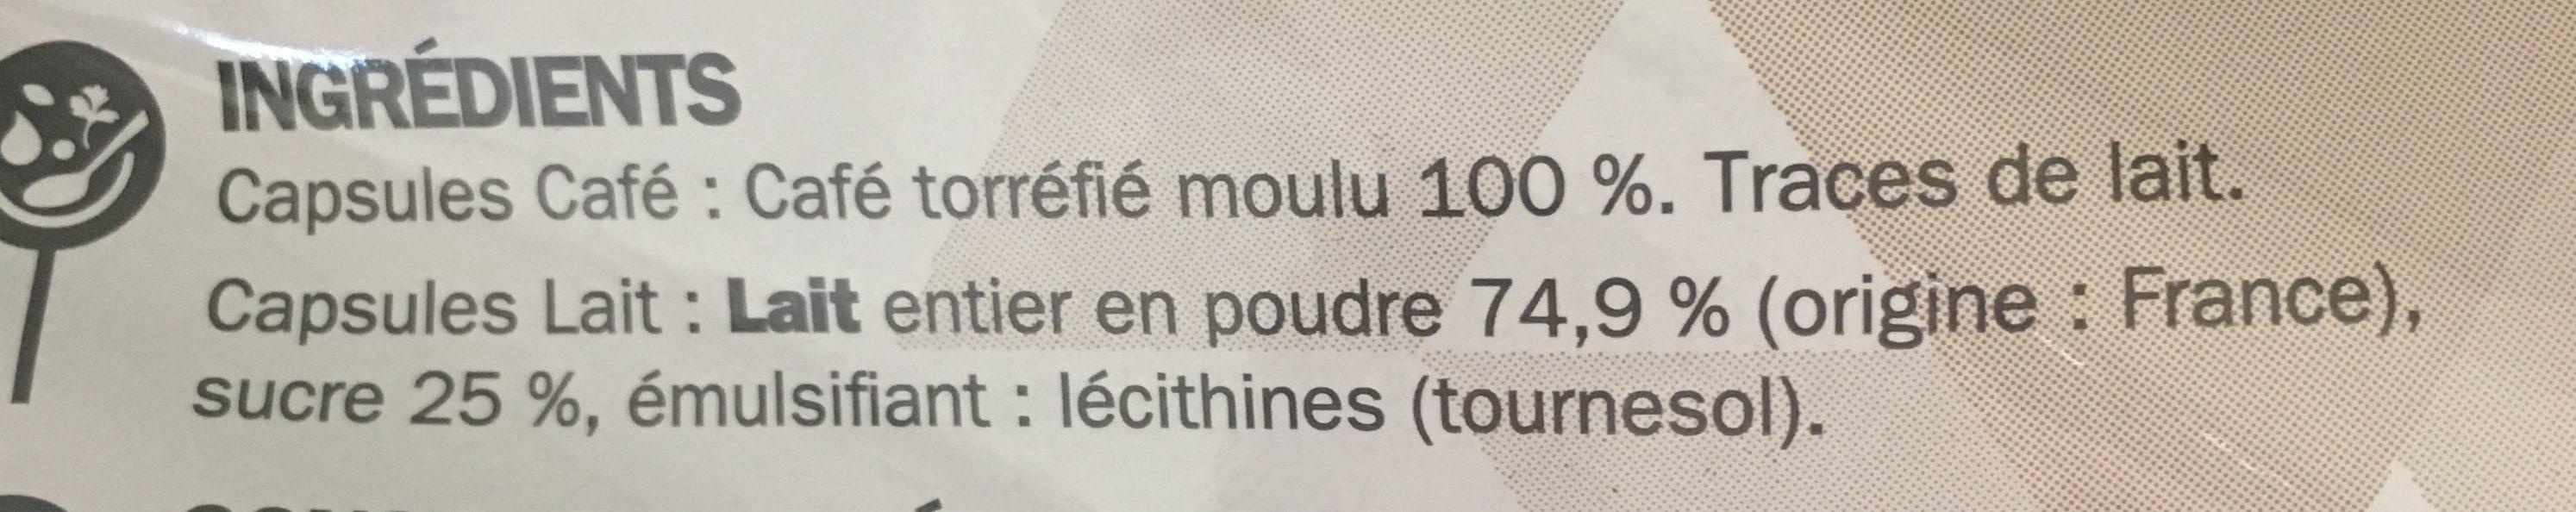 8 capsules cappucino - Ingrédients - fr